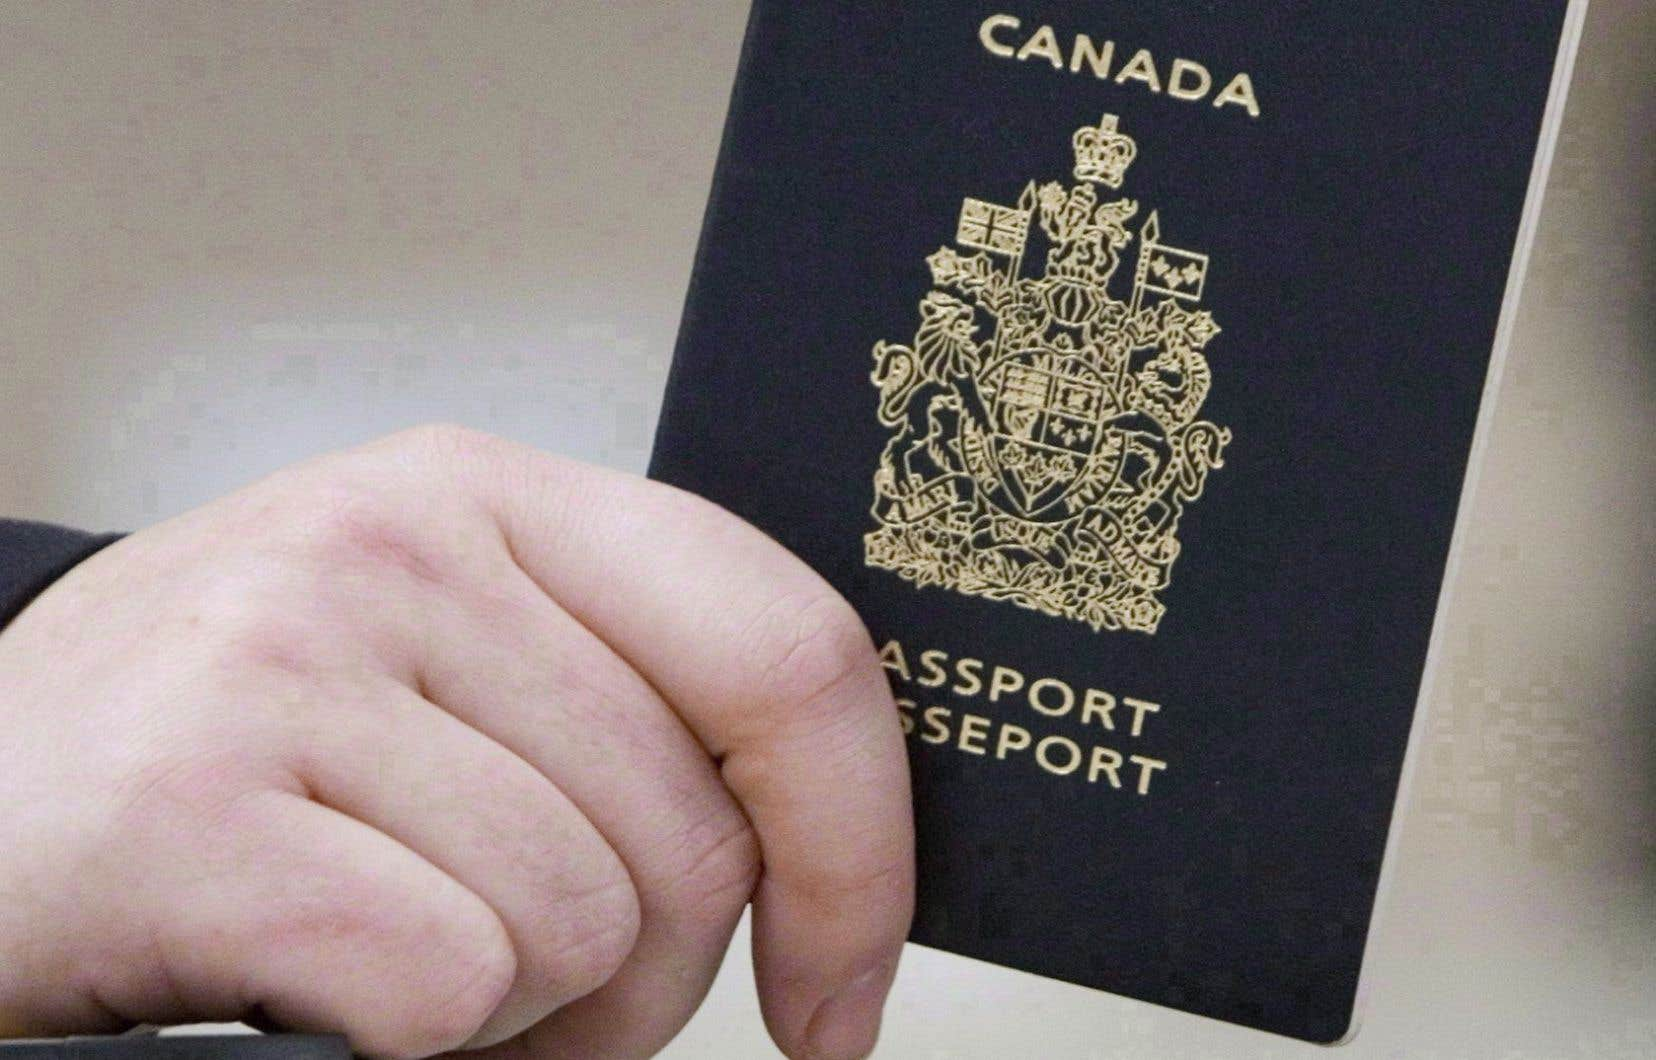 Déjà en 2012, Passeport Canada disait s'interroger sur la pertinence d'inscrire le sexe du détenteur sur son document de voyage.